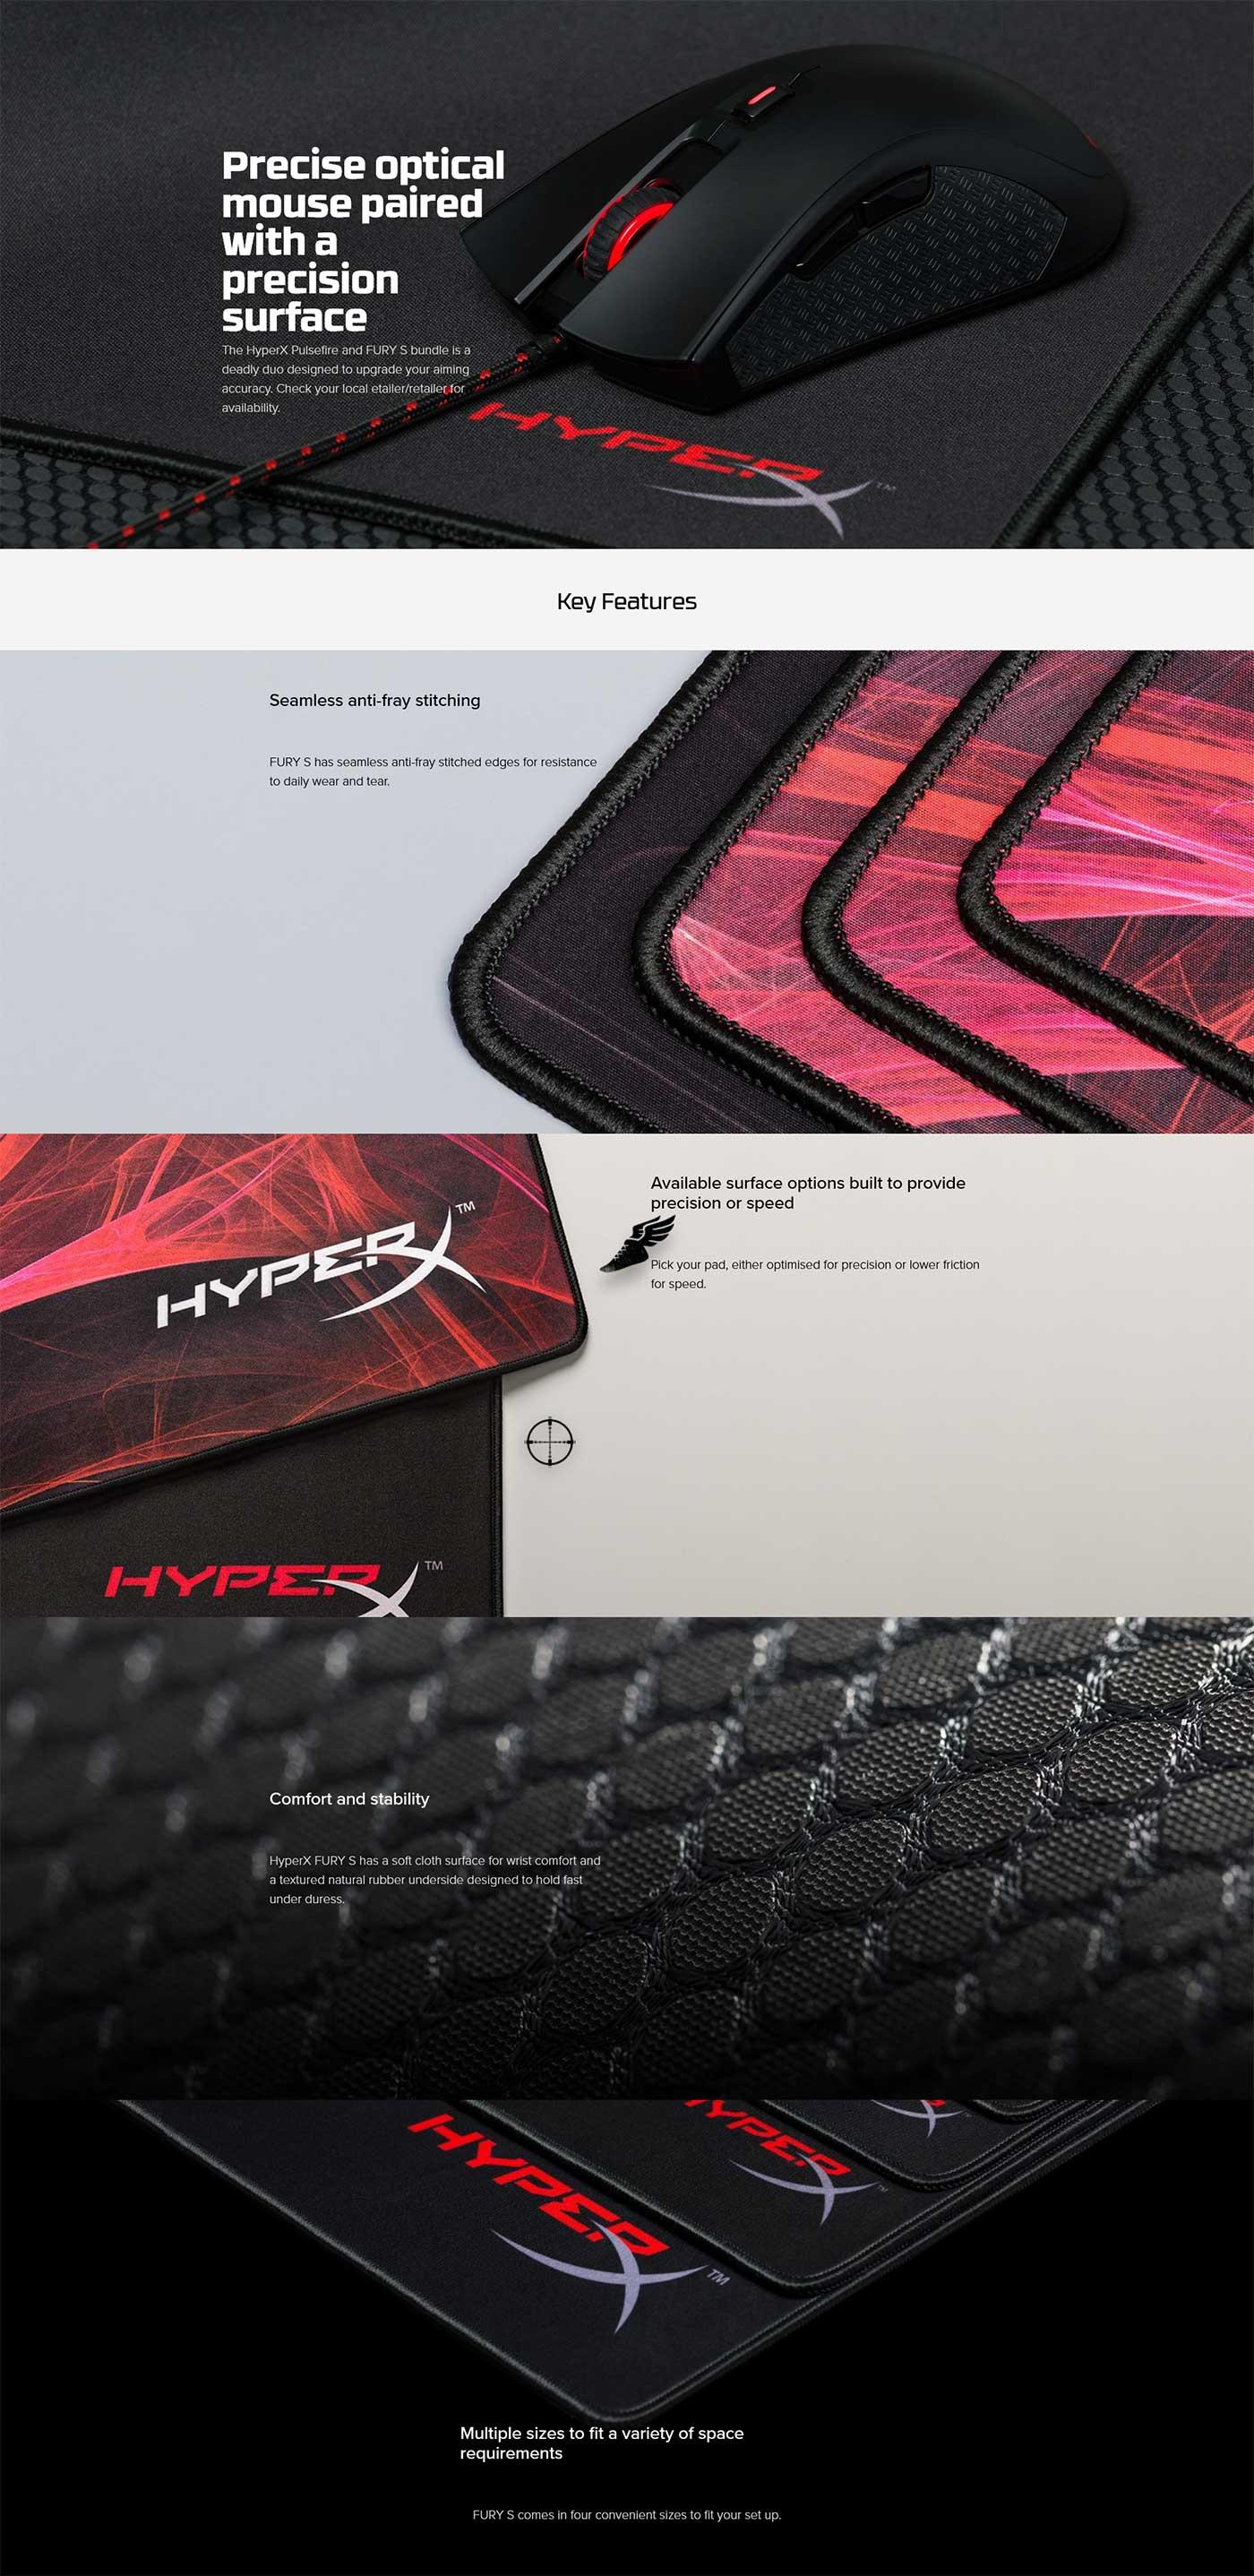 Kingston HyperX Fury S Mouse Pad - XL